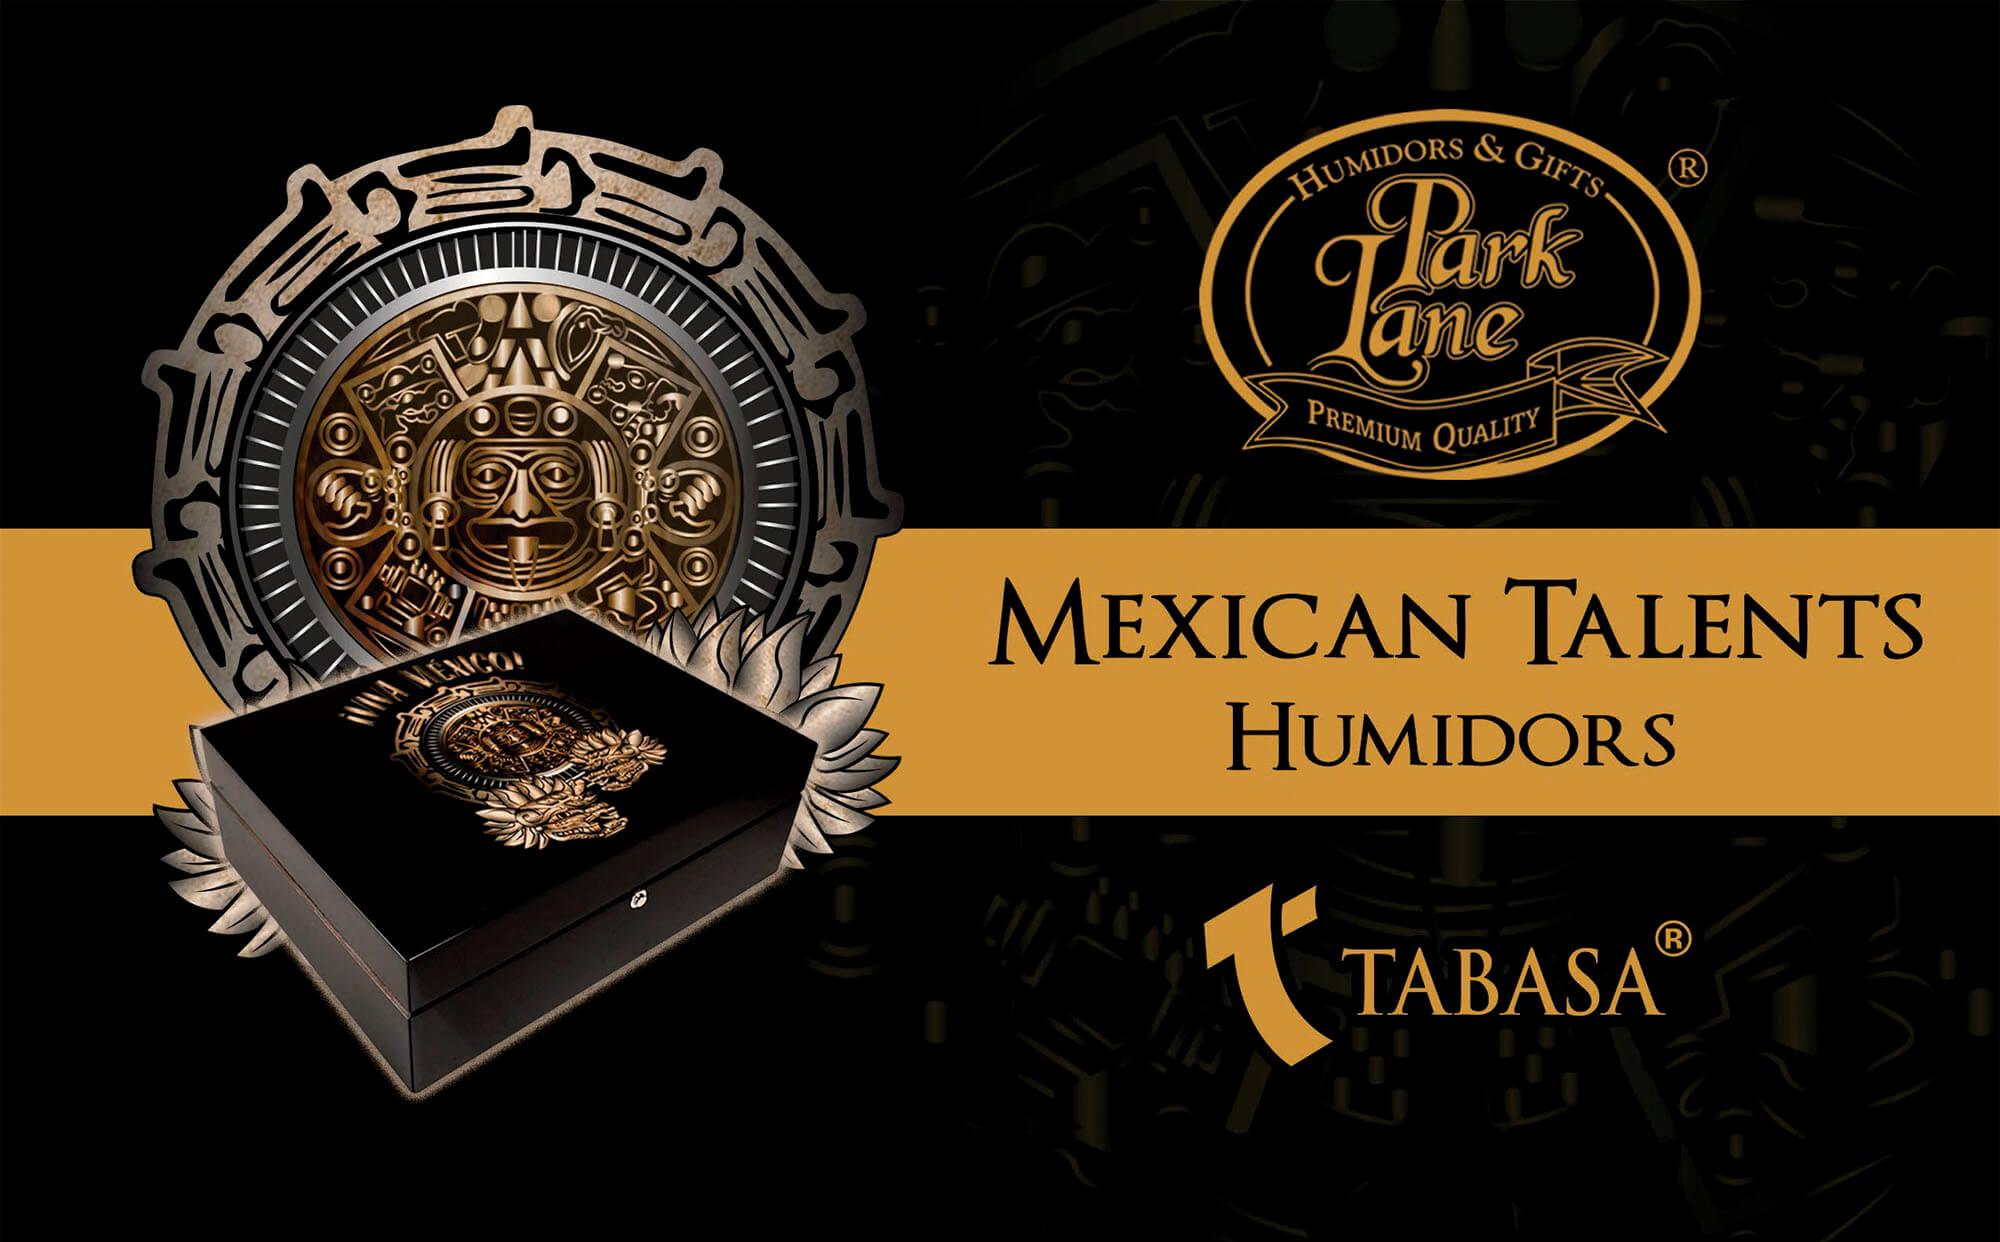 Lanzamiento en Estados Unidos de Humidores Park Lane Edición Talentos Mexicanos